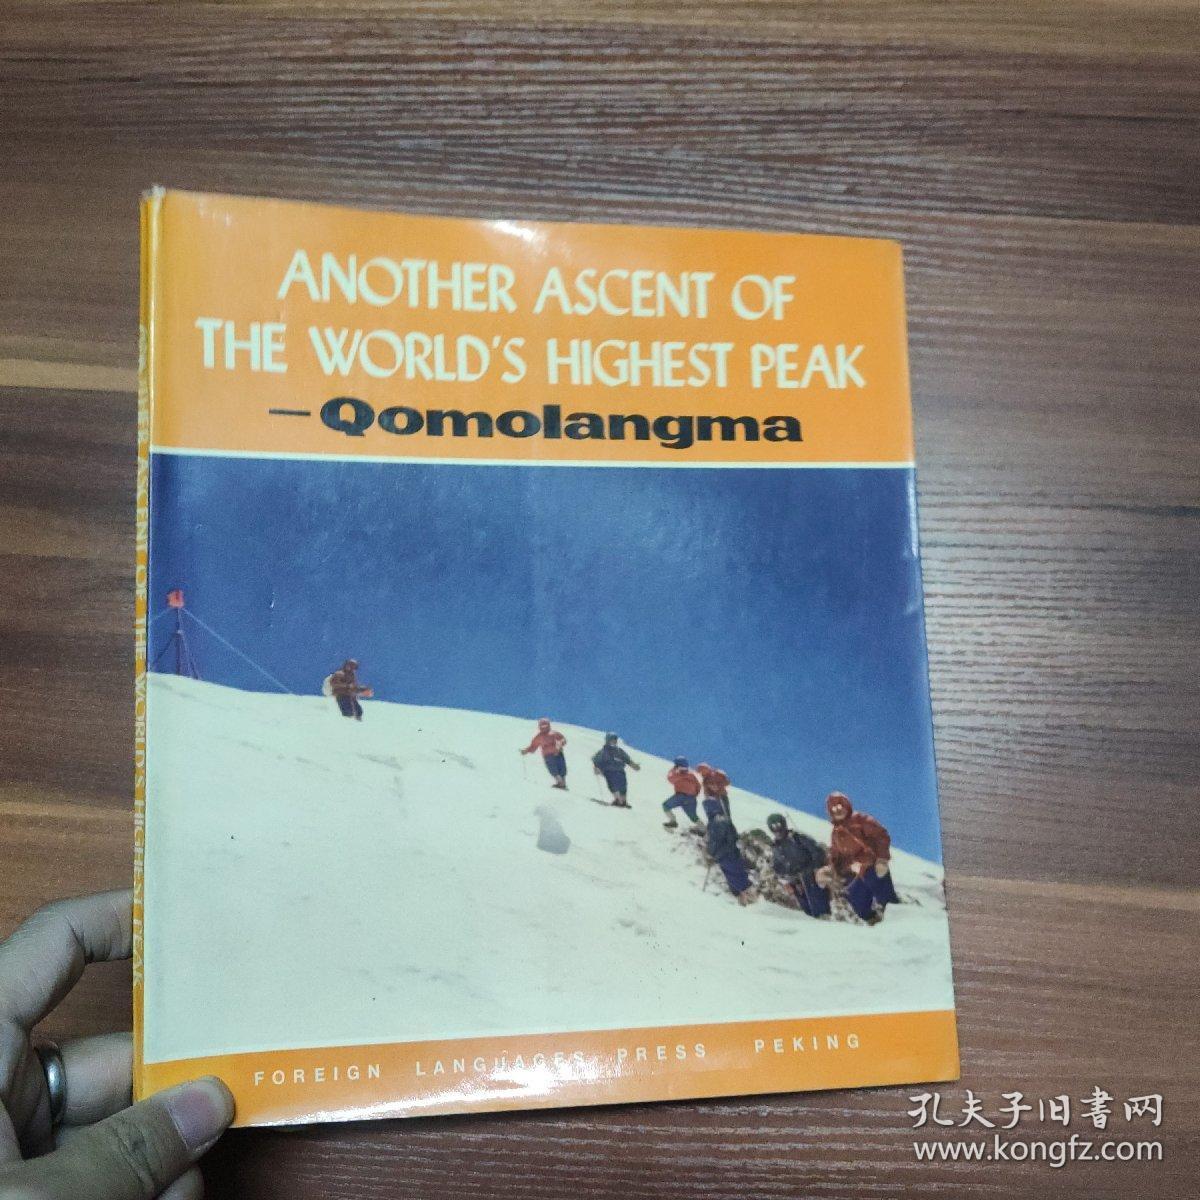 再次登上珠穆朗玛峰-12开英文版